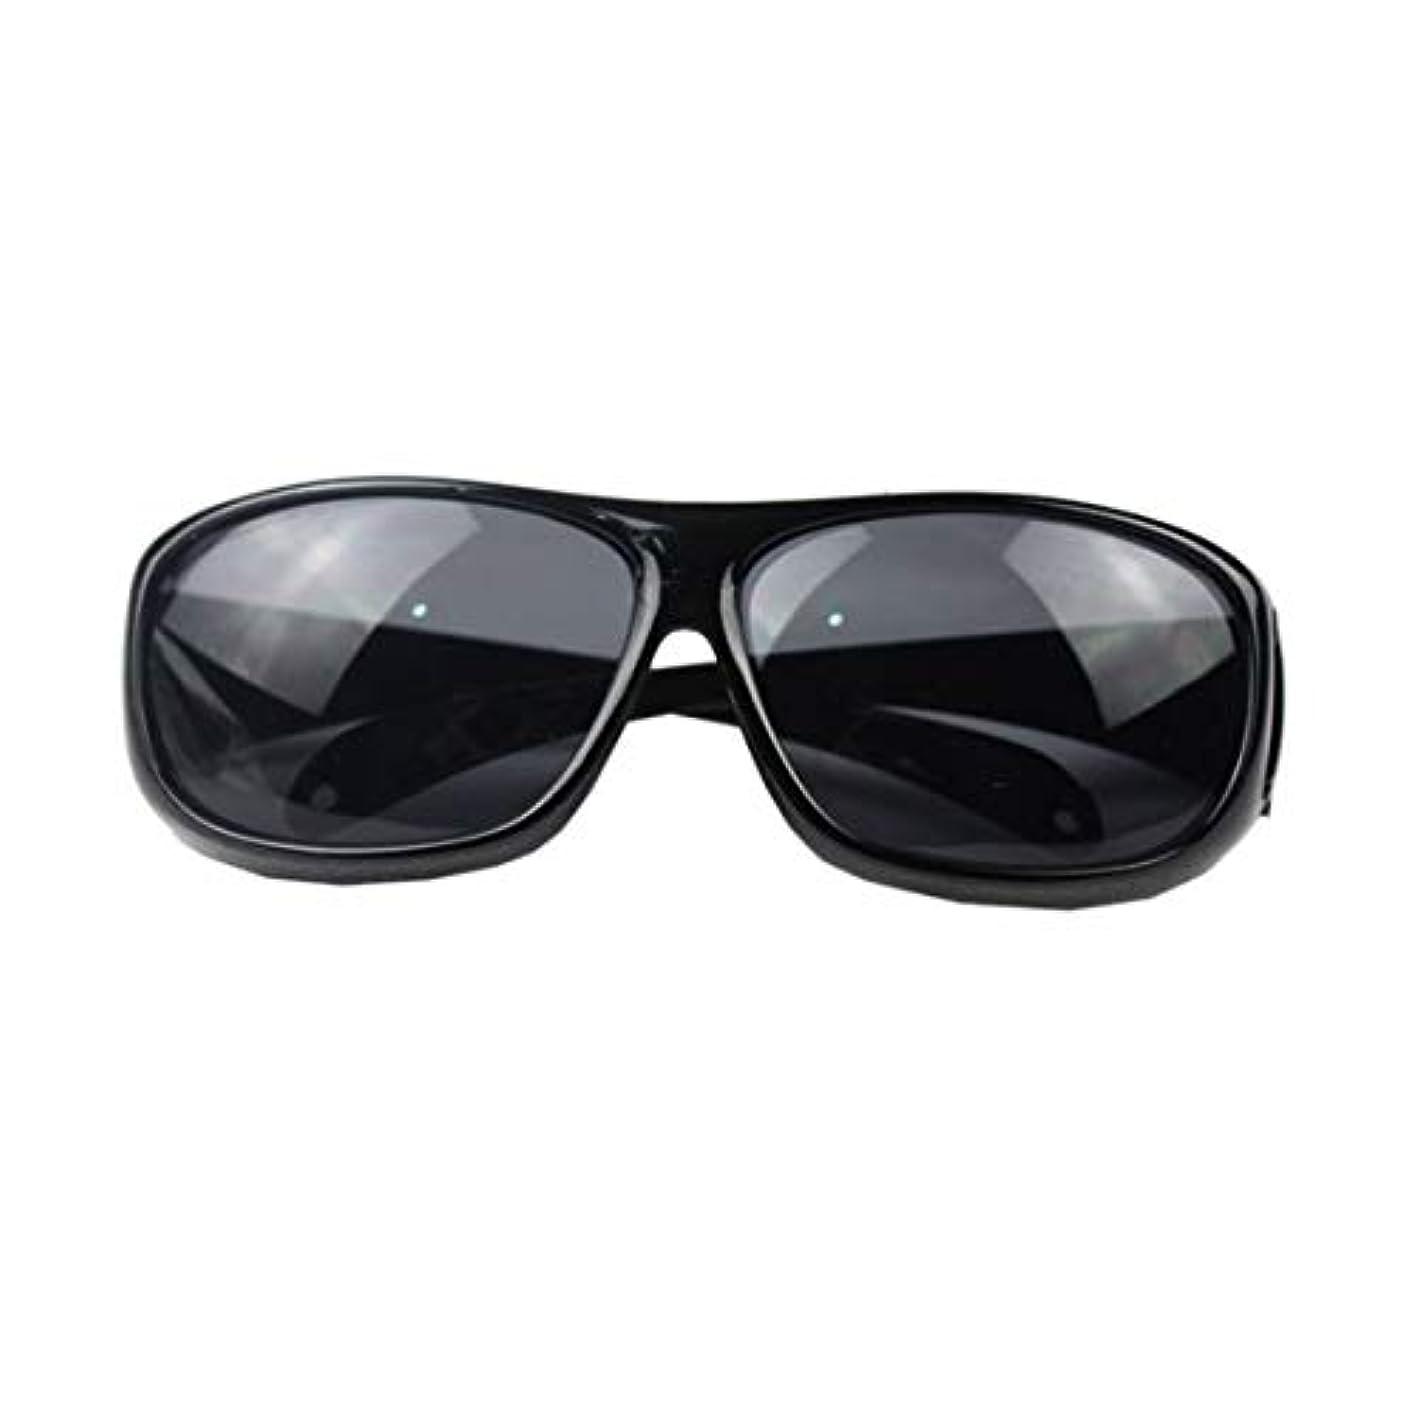 モザイク便益読むIntercoreyオートバイメガネナイトビューサングラス狩猟射撃エアガンアイウェア男性眼の保護防風モトゴーグル